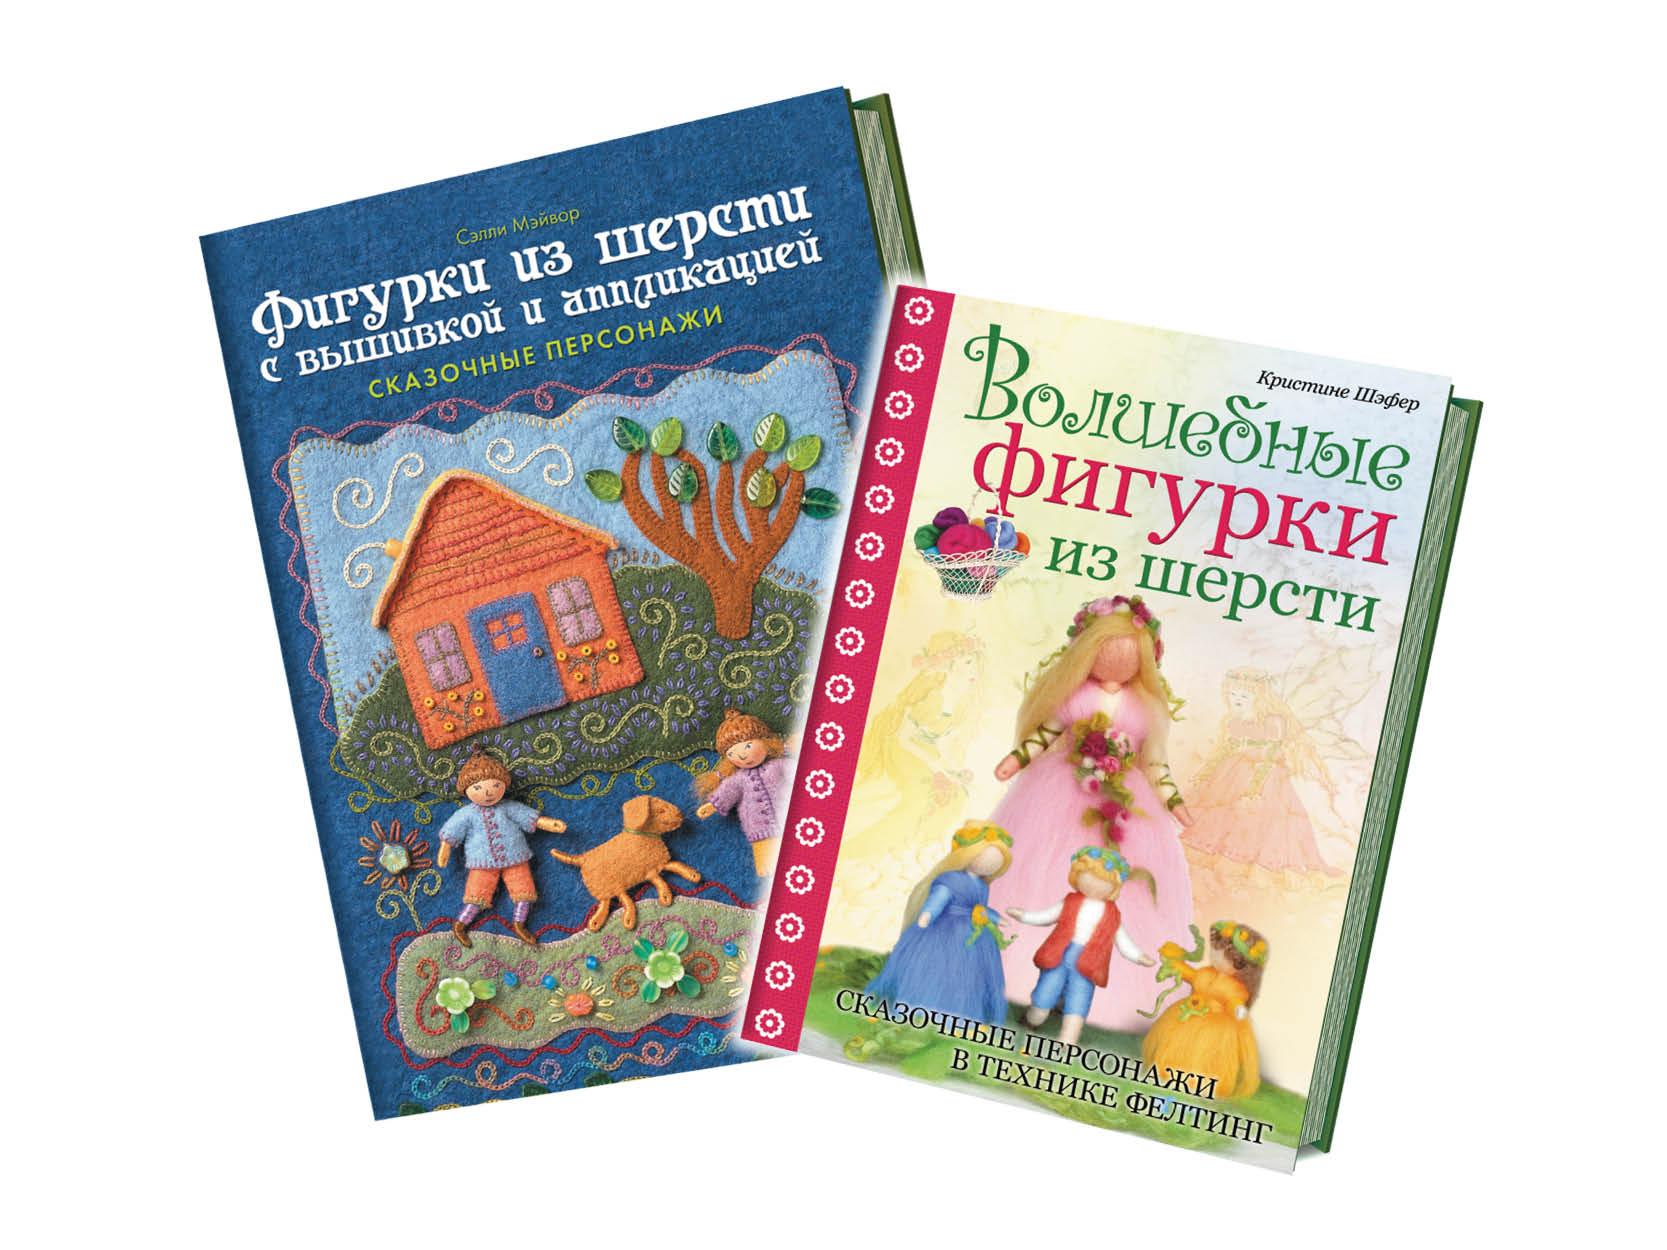 Кристине Шэфер,Сэлли Мэйвор Фигурки из шерсти (комплект из 2 книг) патология кожи комплект из 2 книг